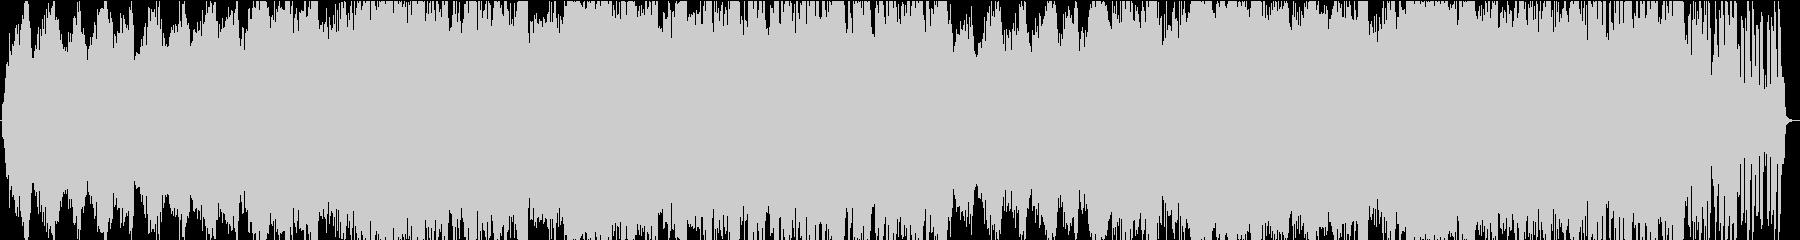 ピアノと波音の穏やかなヒーリングBGMの未再生の波形